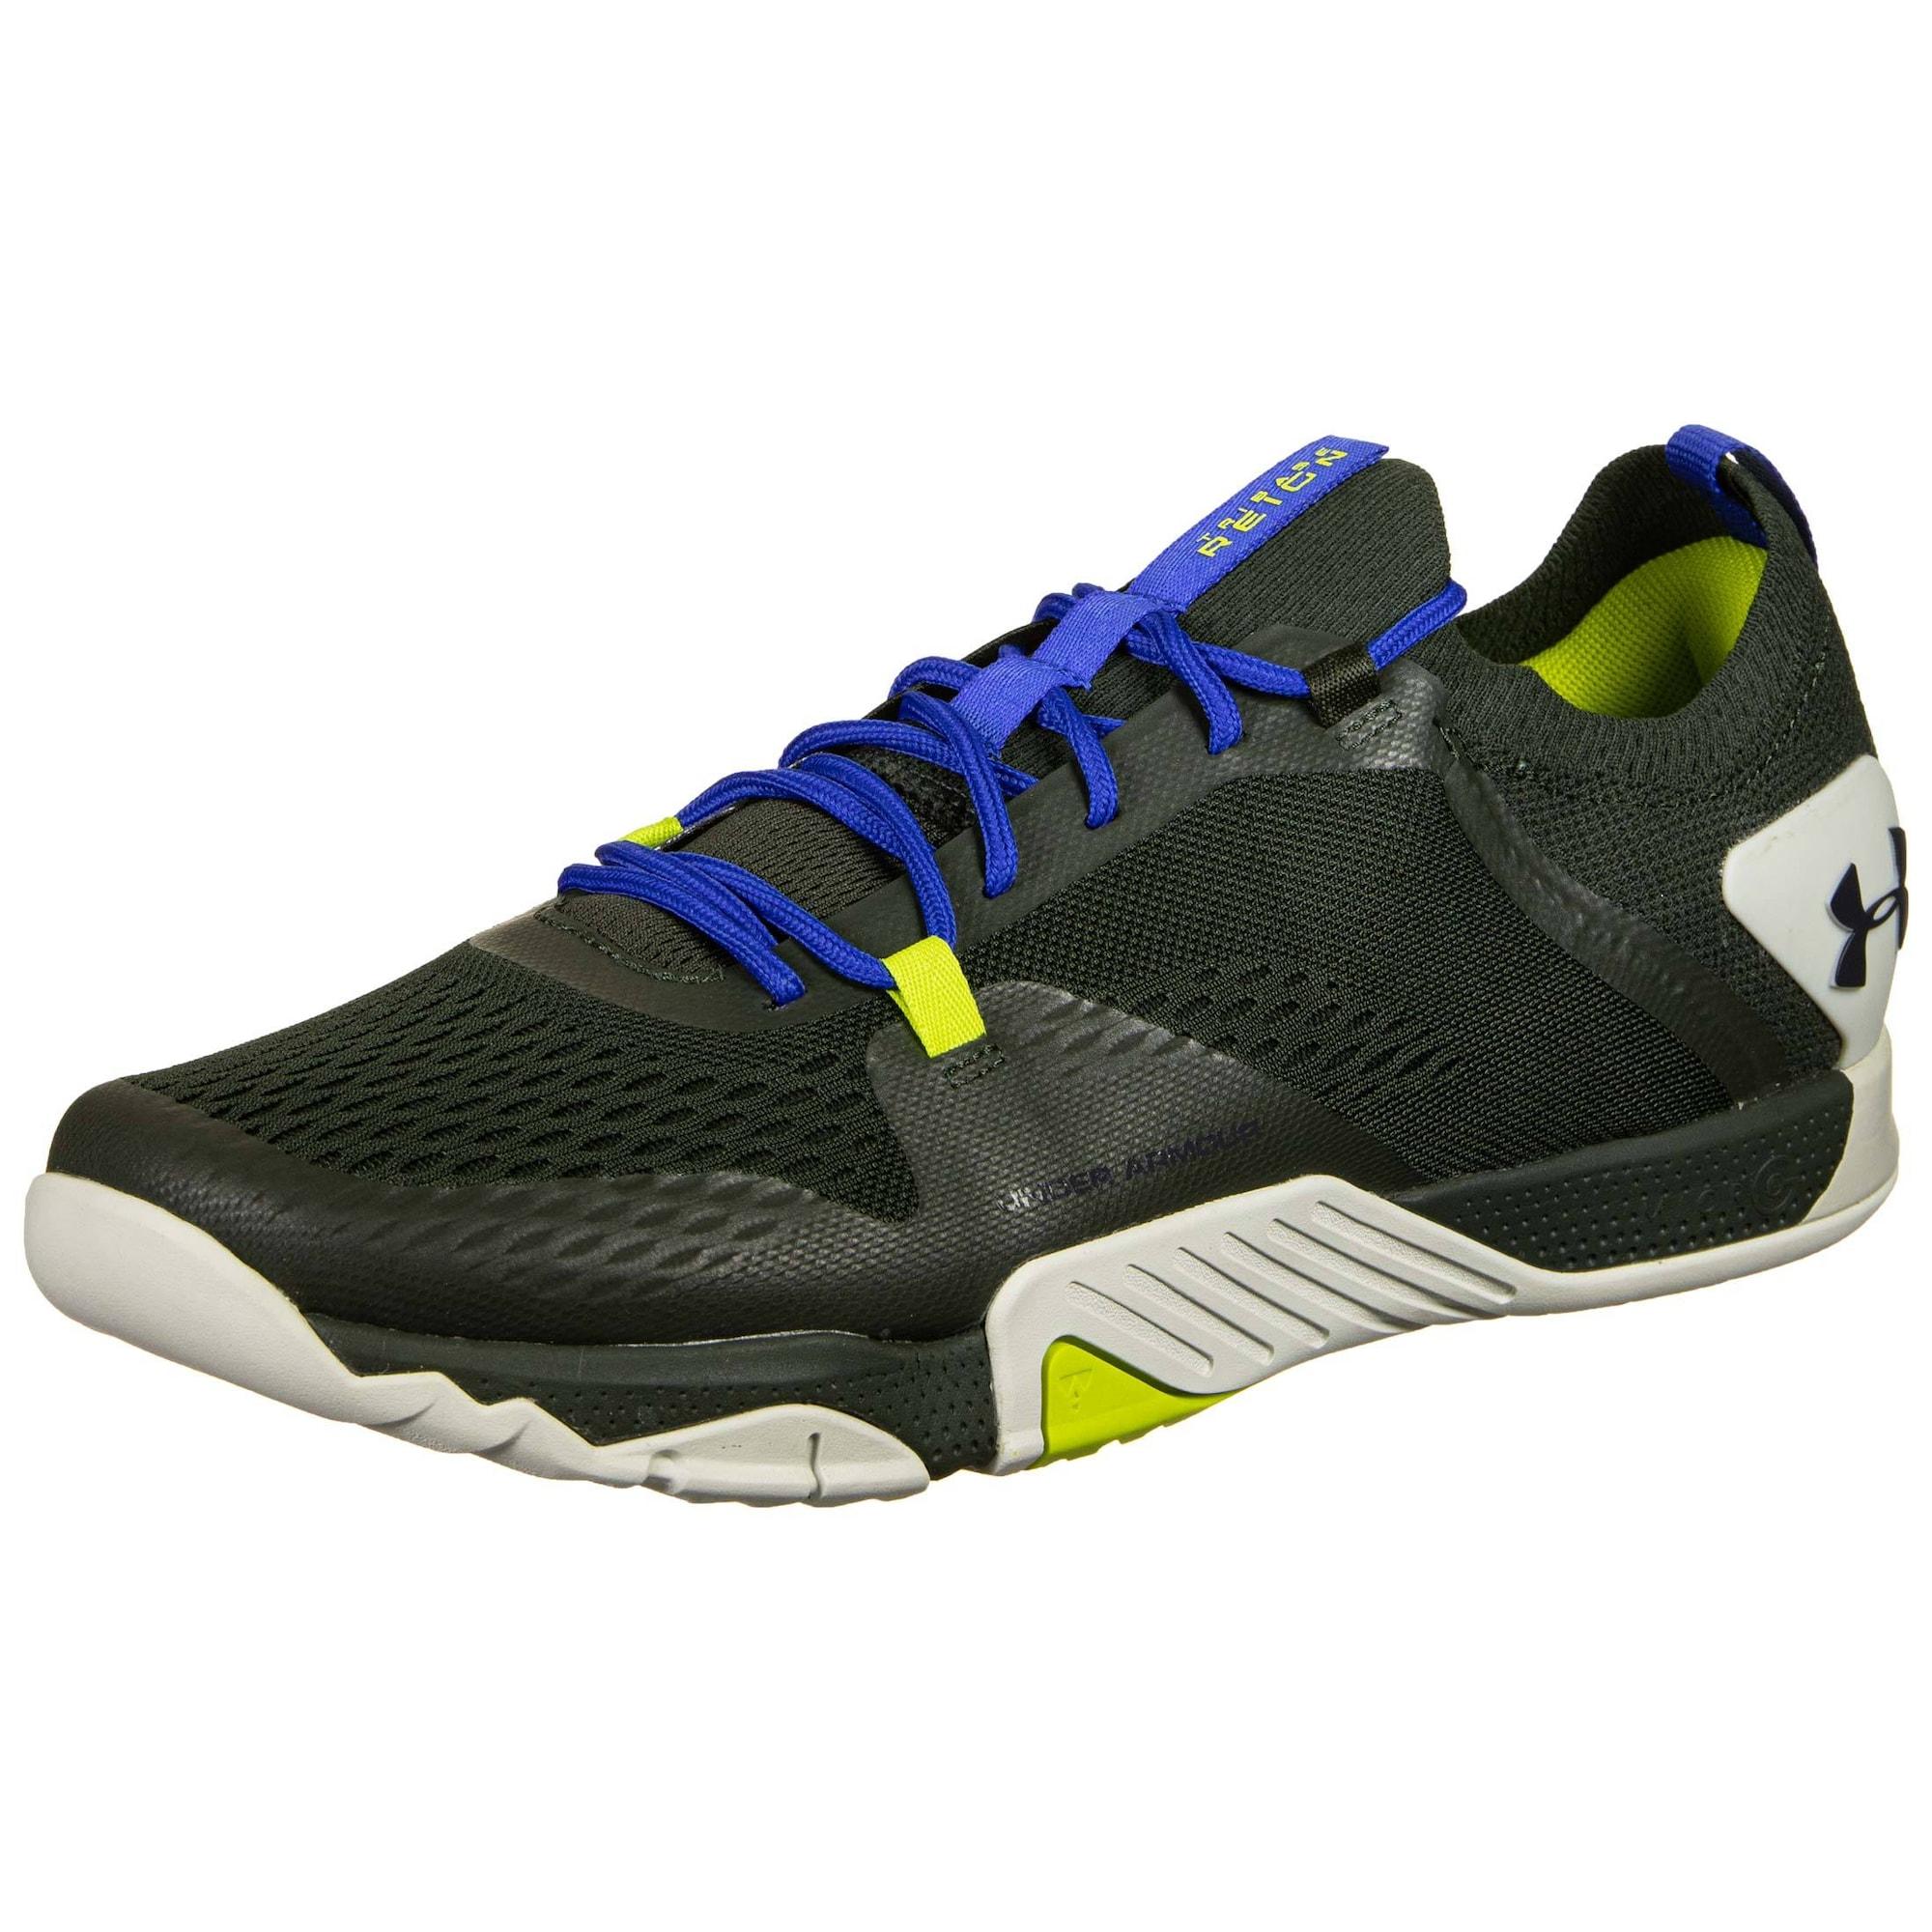 UNDER ARMOUR Sportiniai batai žaliosios citrinos spalva / mėlyna / tamsiai žalia